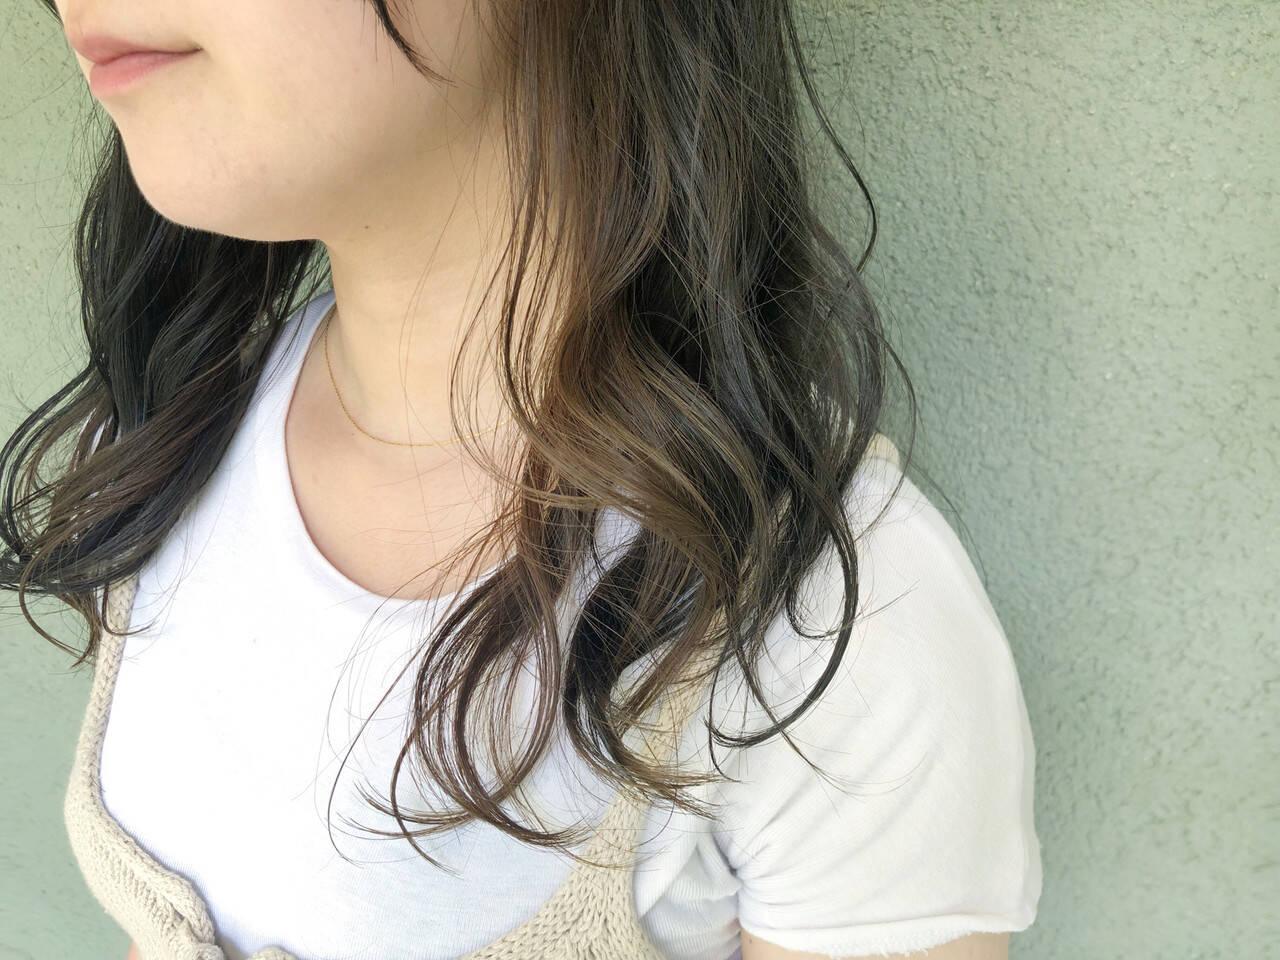 ナチュラル 3Dカラー ヘアカラー インナーカラーヘアスタイルや髪型の写真・画像